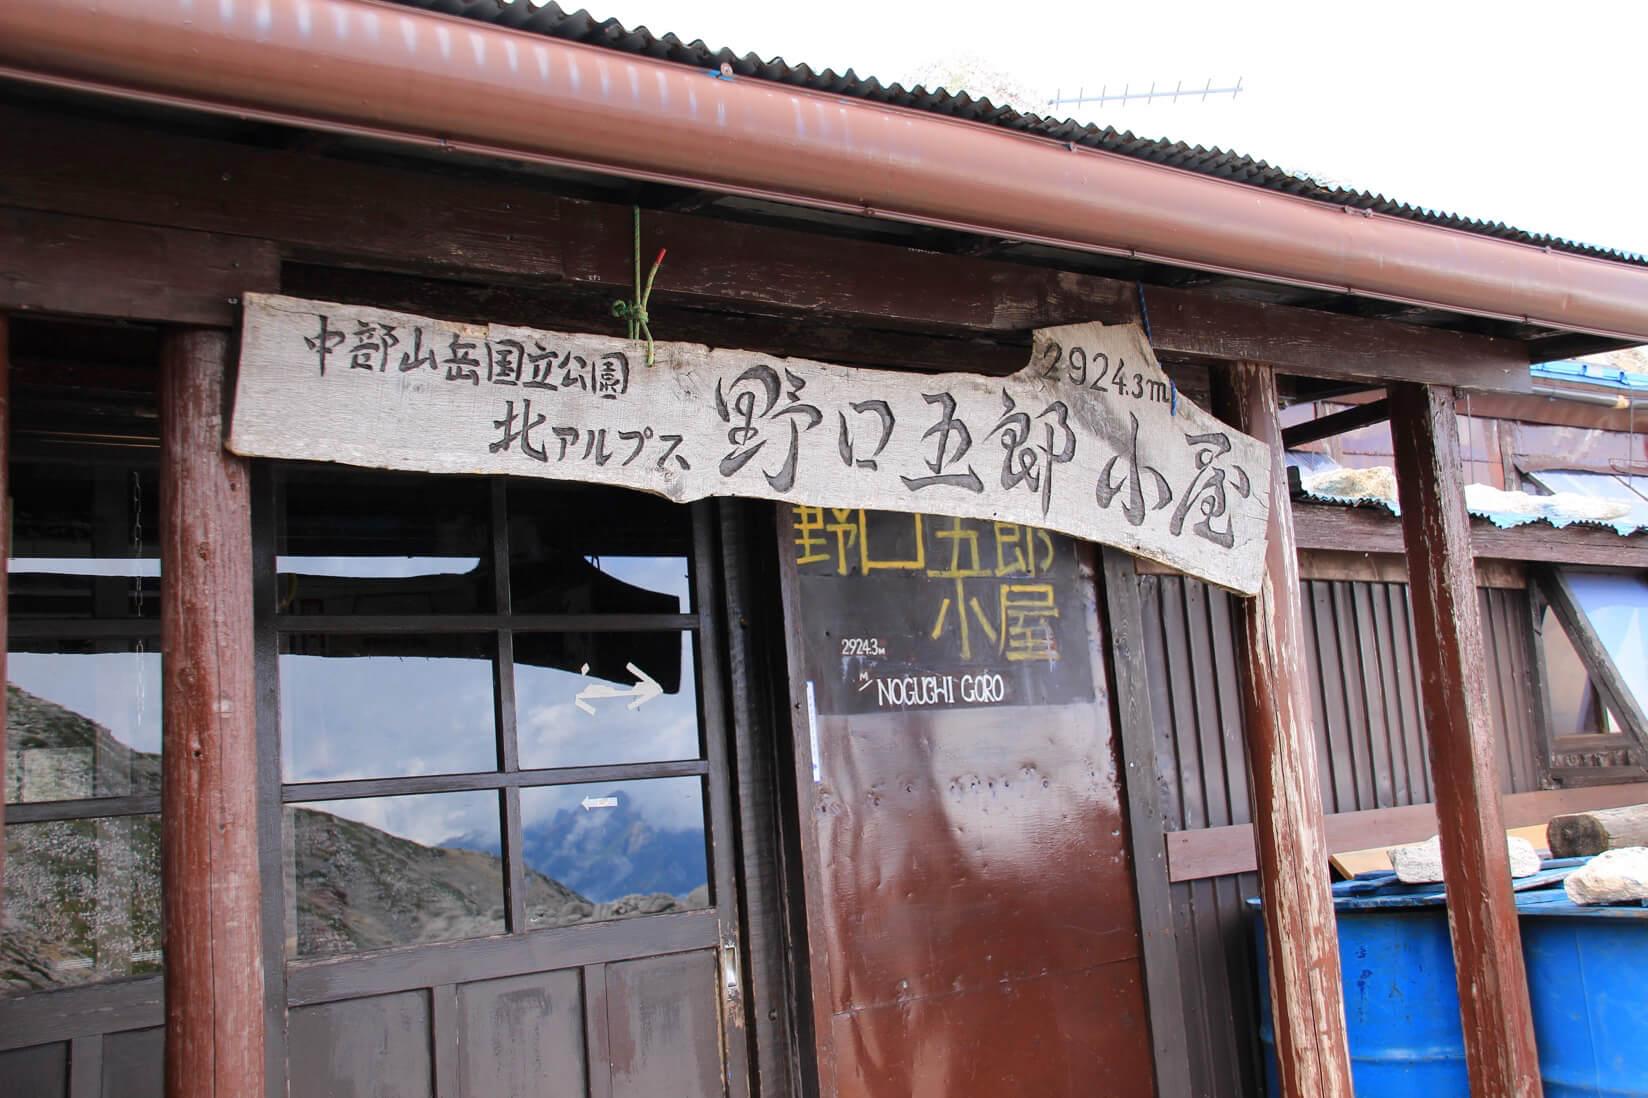 野口五郎小屋の小屋内「烏帽子岳」の部屋の前